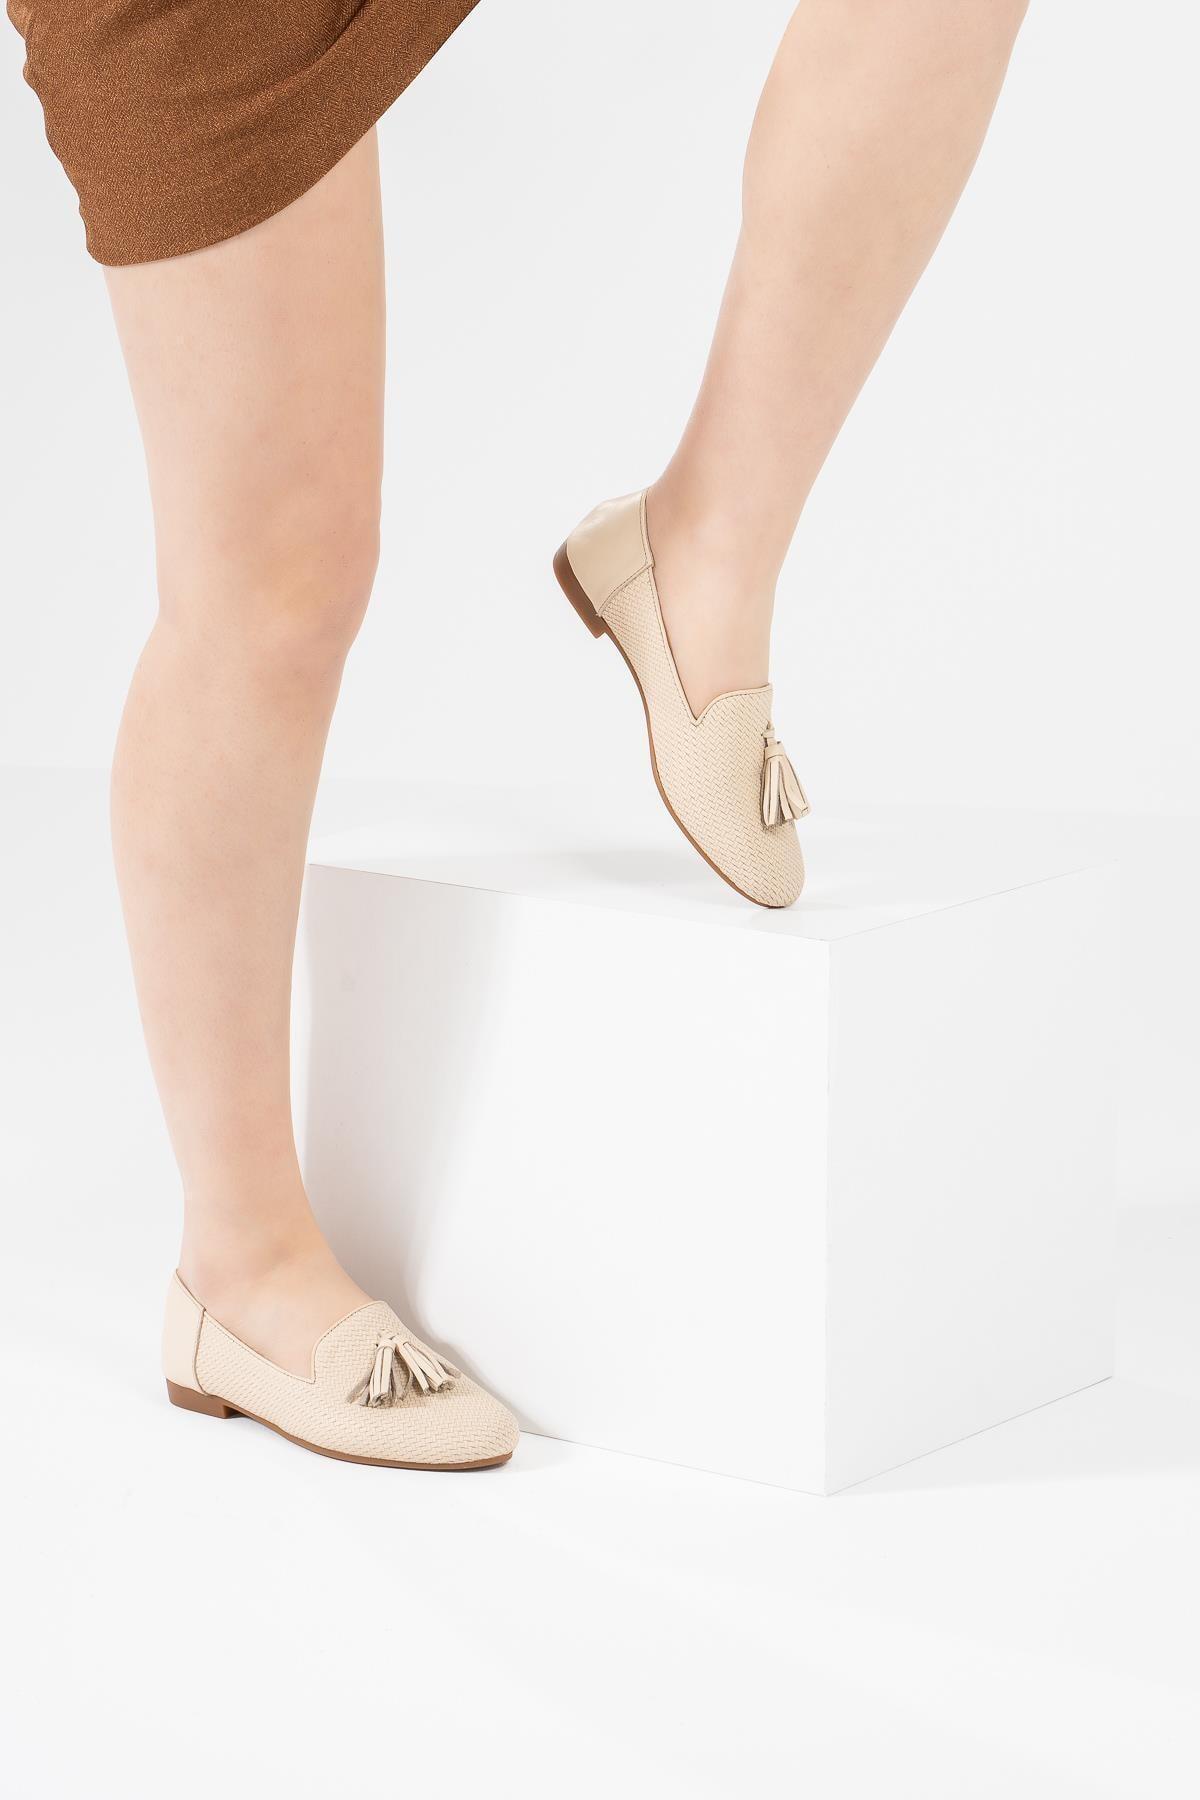 Kadın Babet Desenli Rahat Hafif Tabanlı Babet Ayakkabı